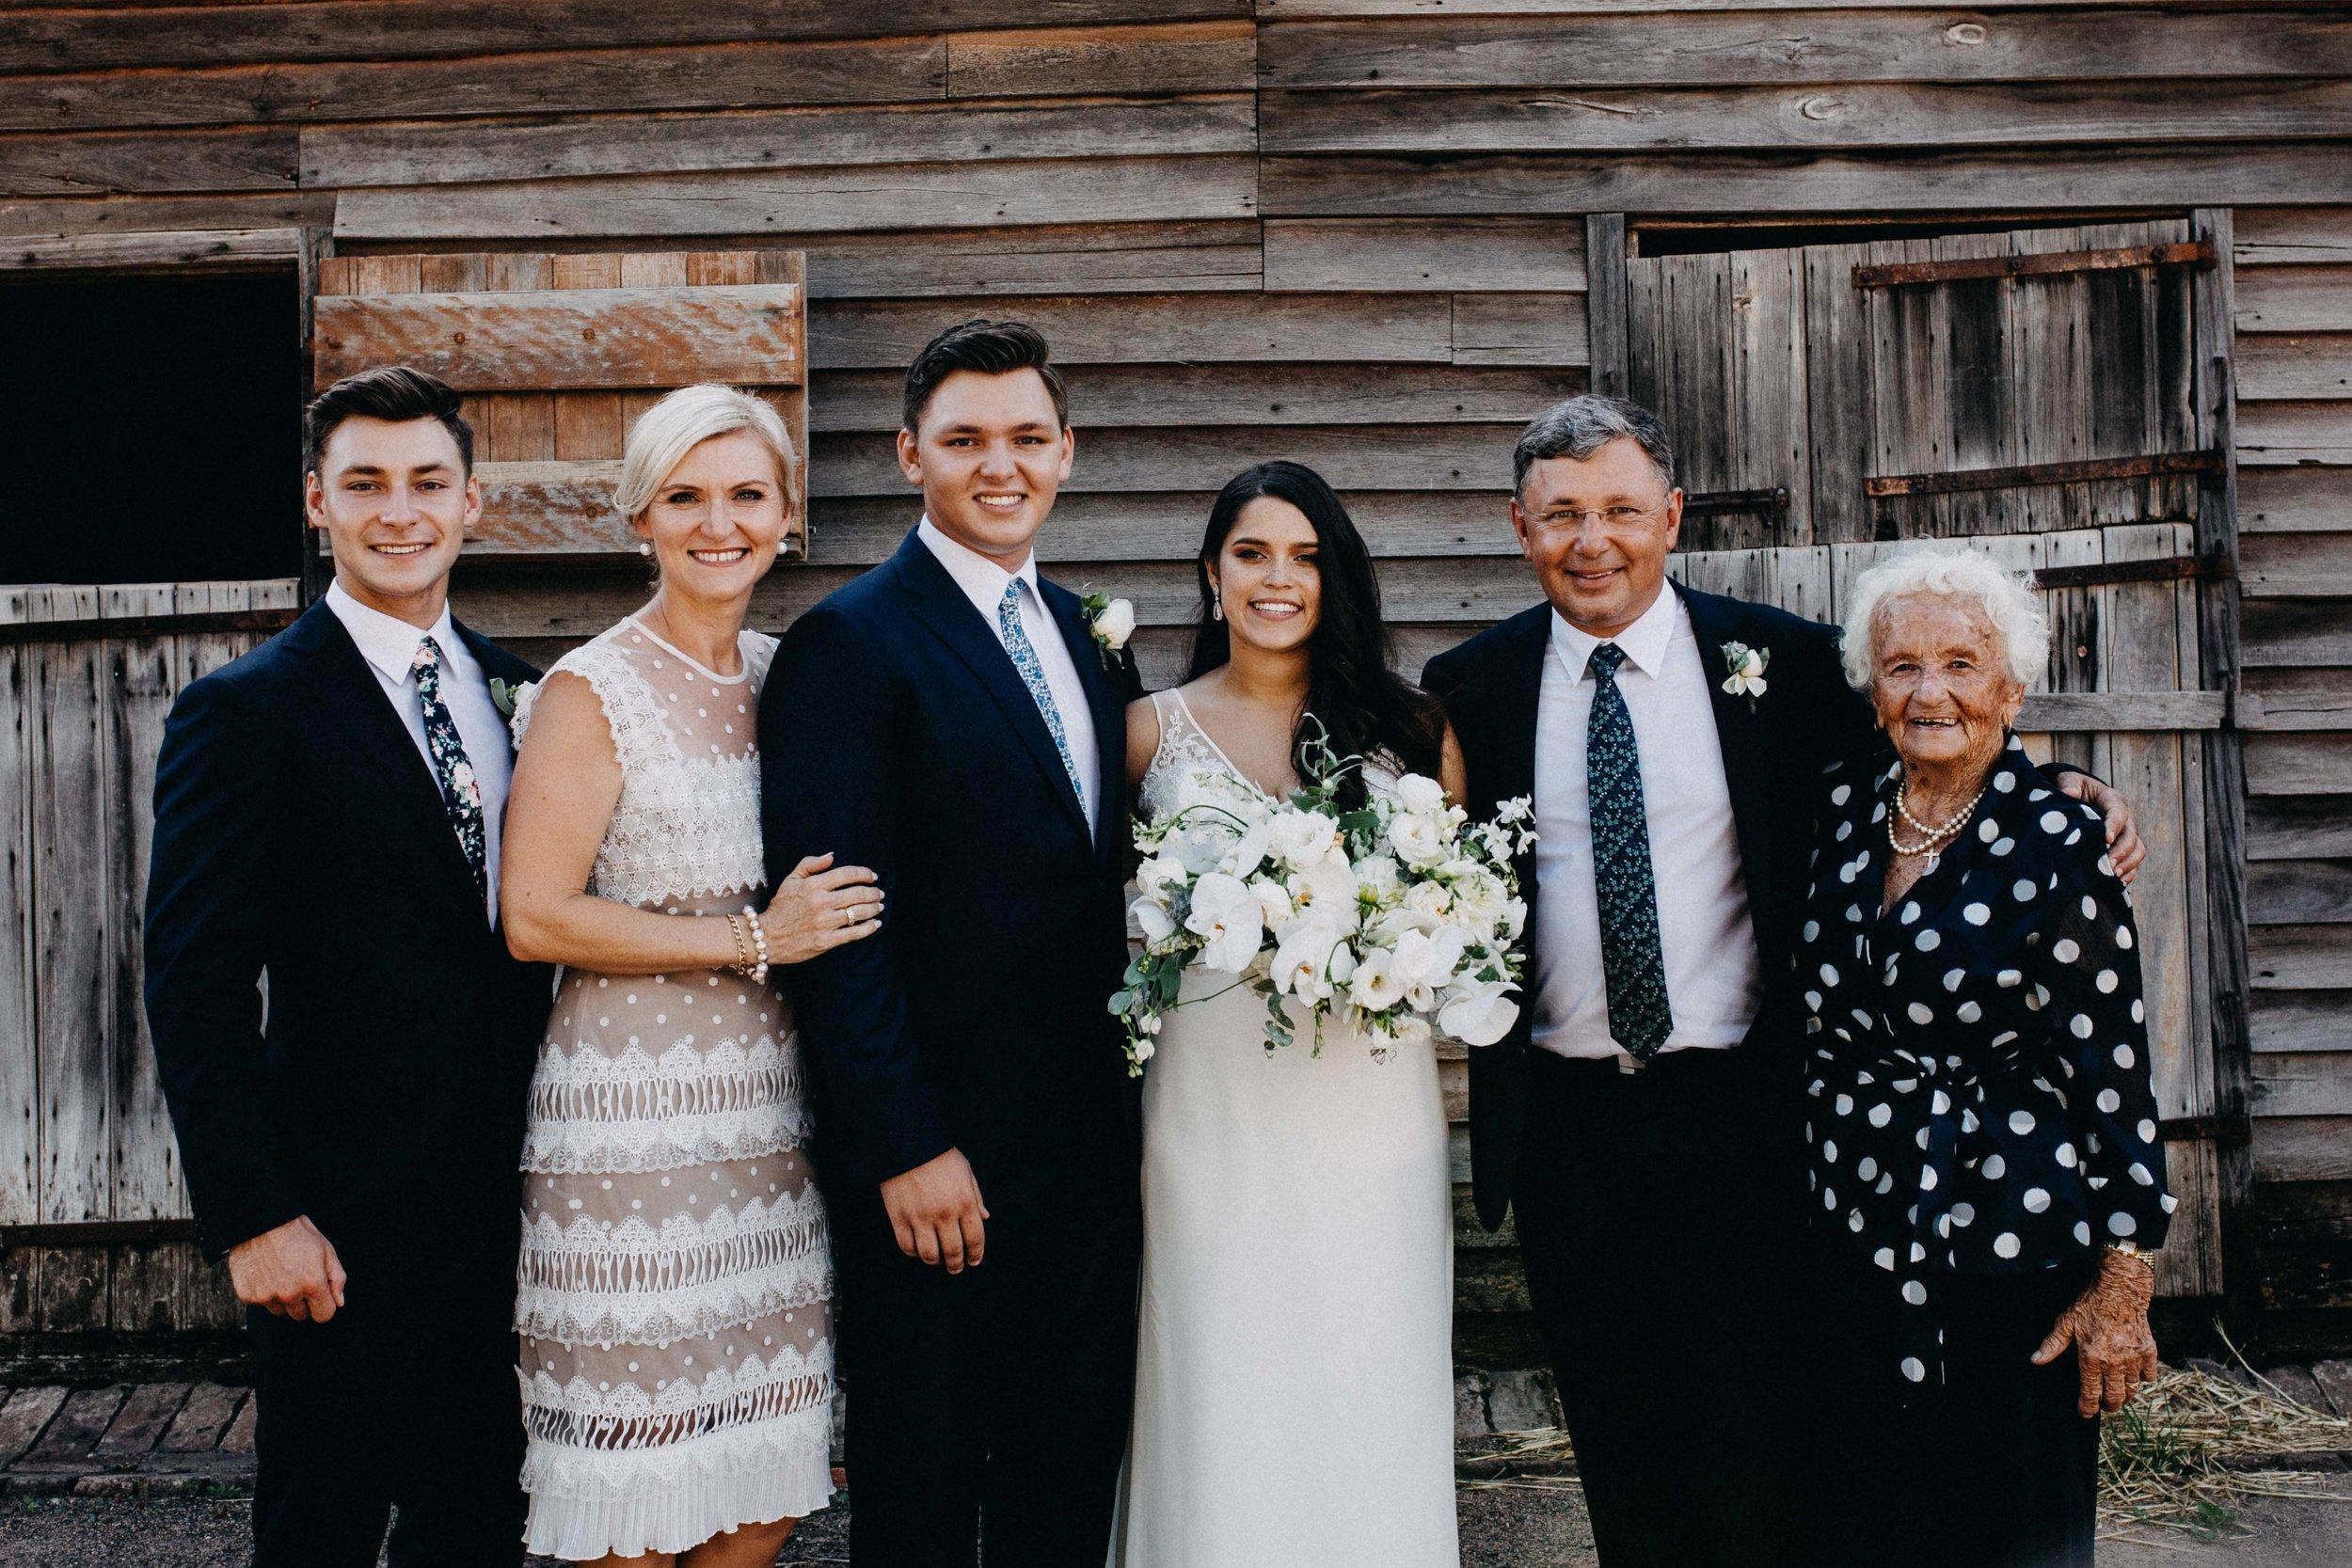 www.emilyobrienphotography.net-belgenny-farm-wedding-camden-photography-maddie-andrzej-126.jpg